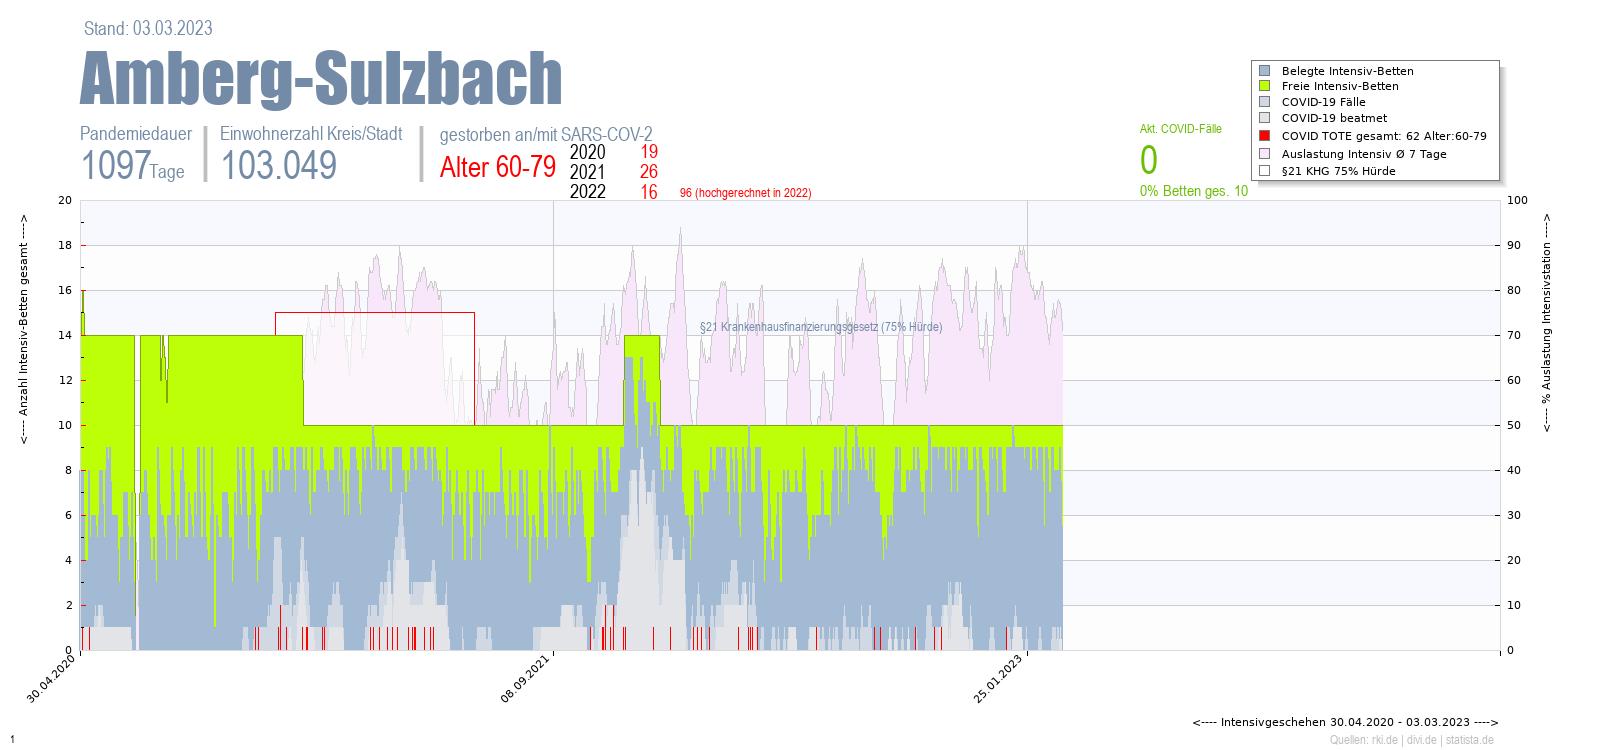 Intensivstation Auslastung Amberg-Sulzbach Alter 0-4